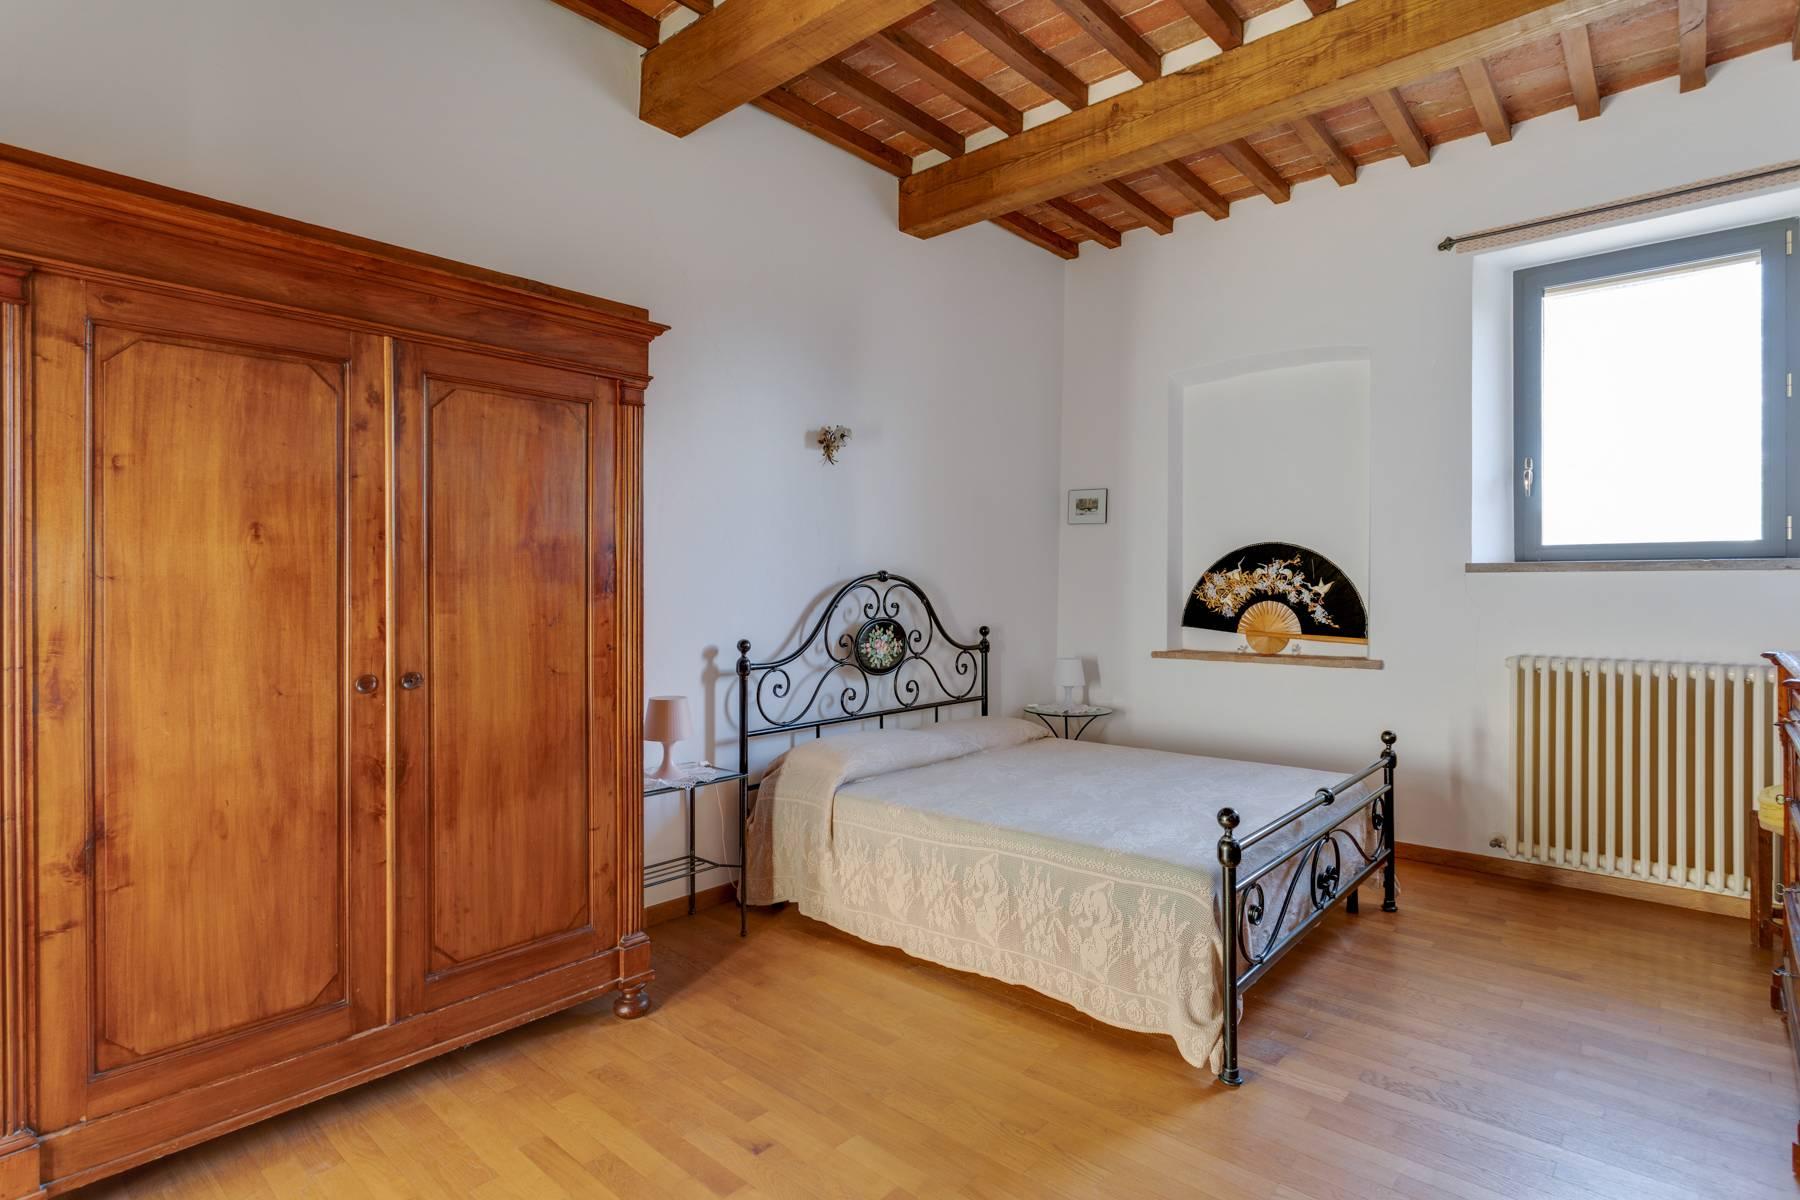 Rustico in Vendita a Montepulciano: 5 locali, 561 mq - Foto 11